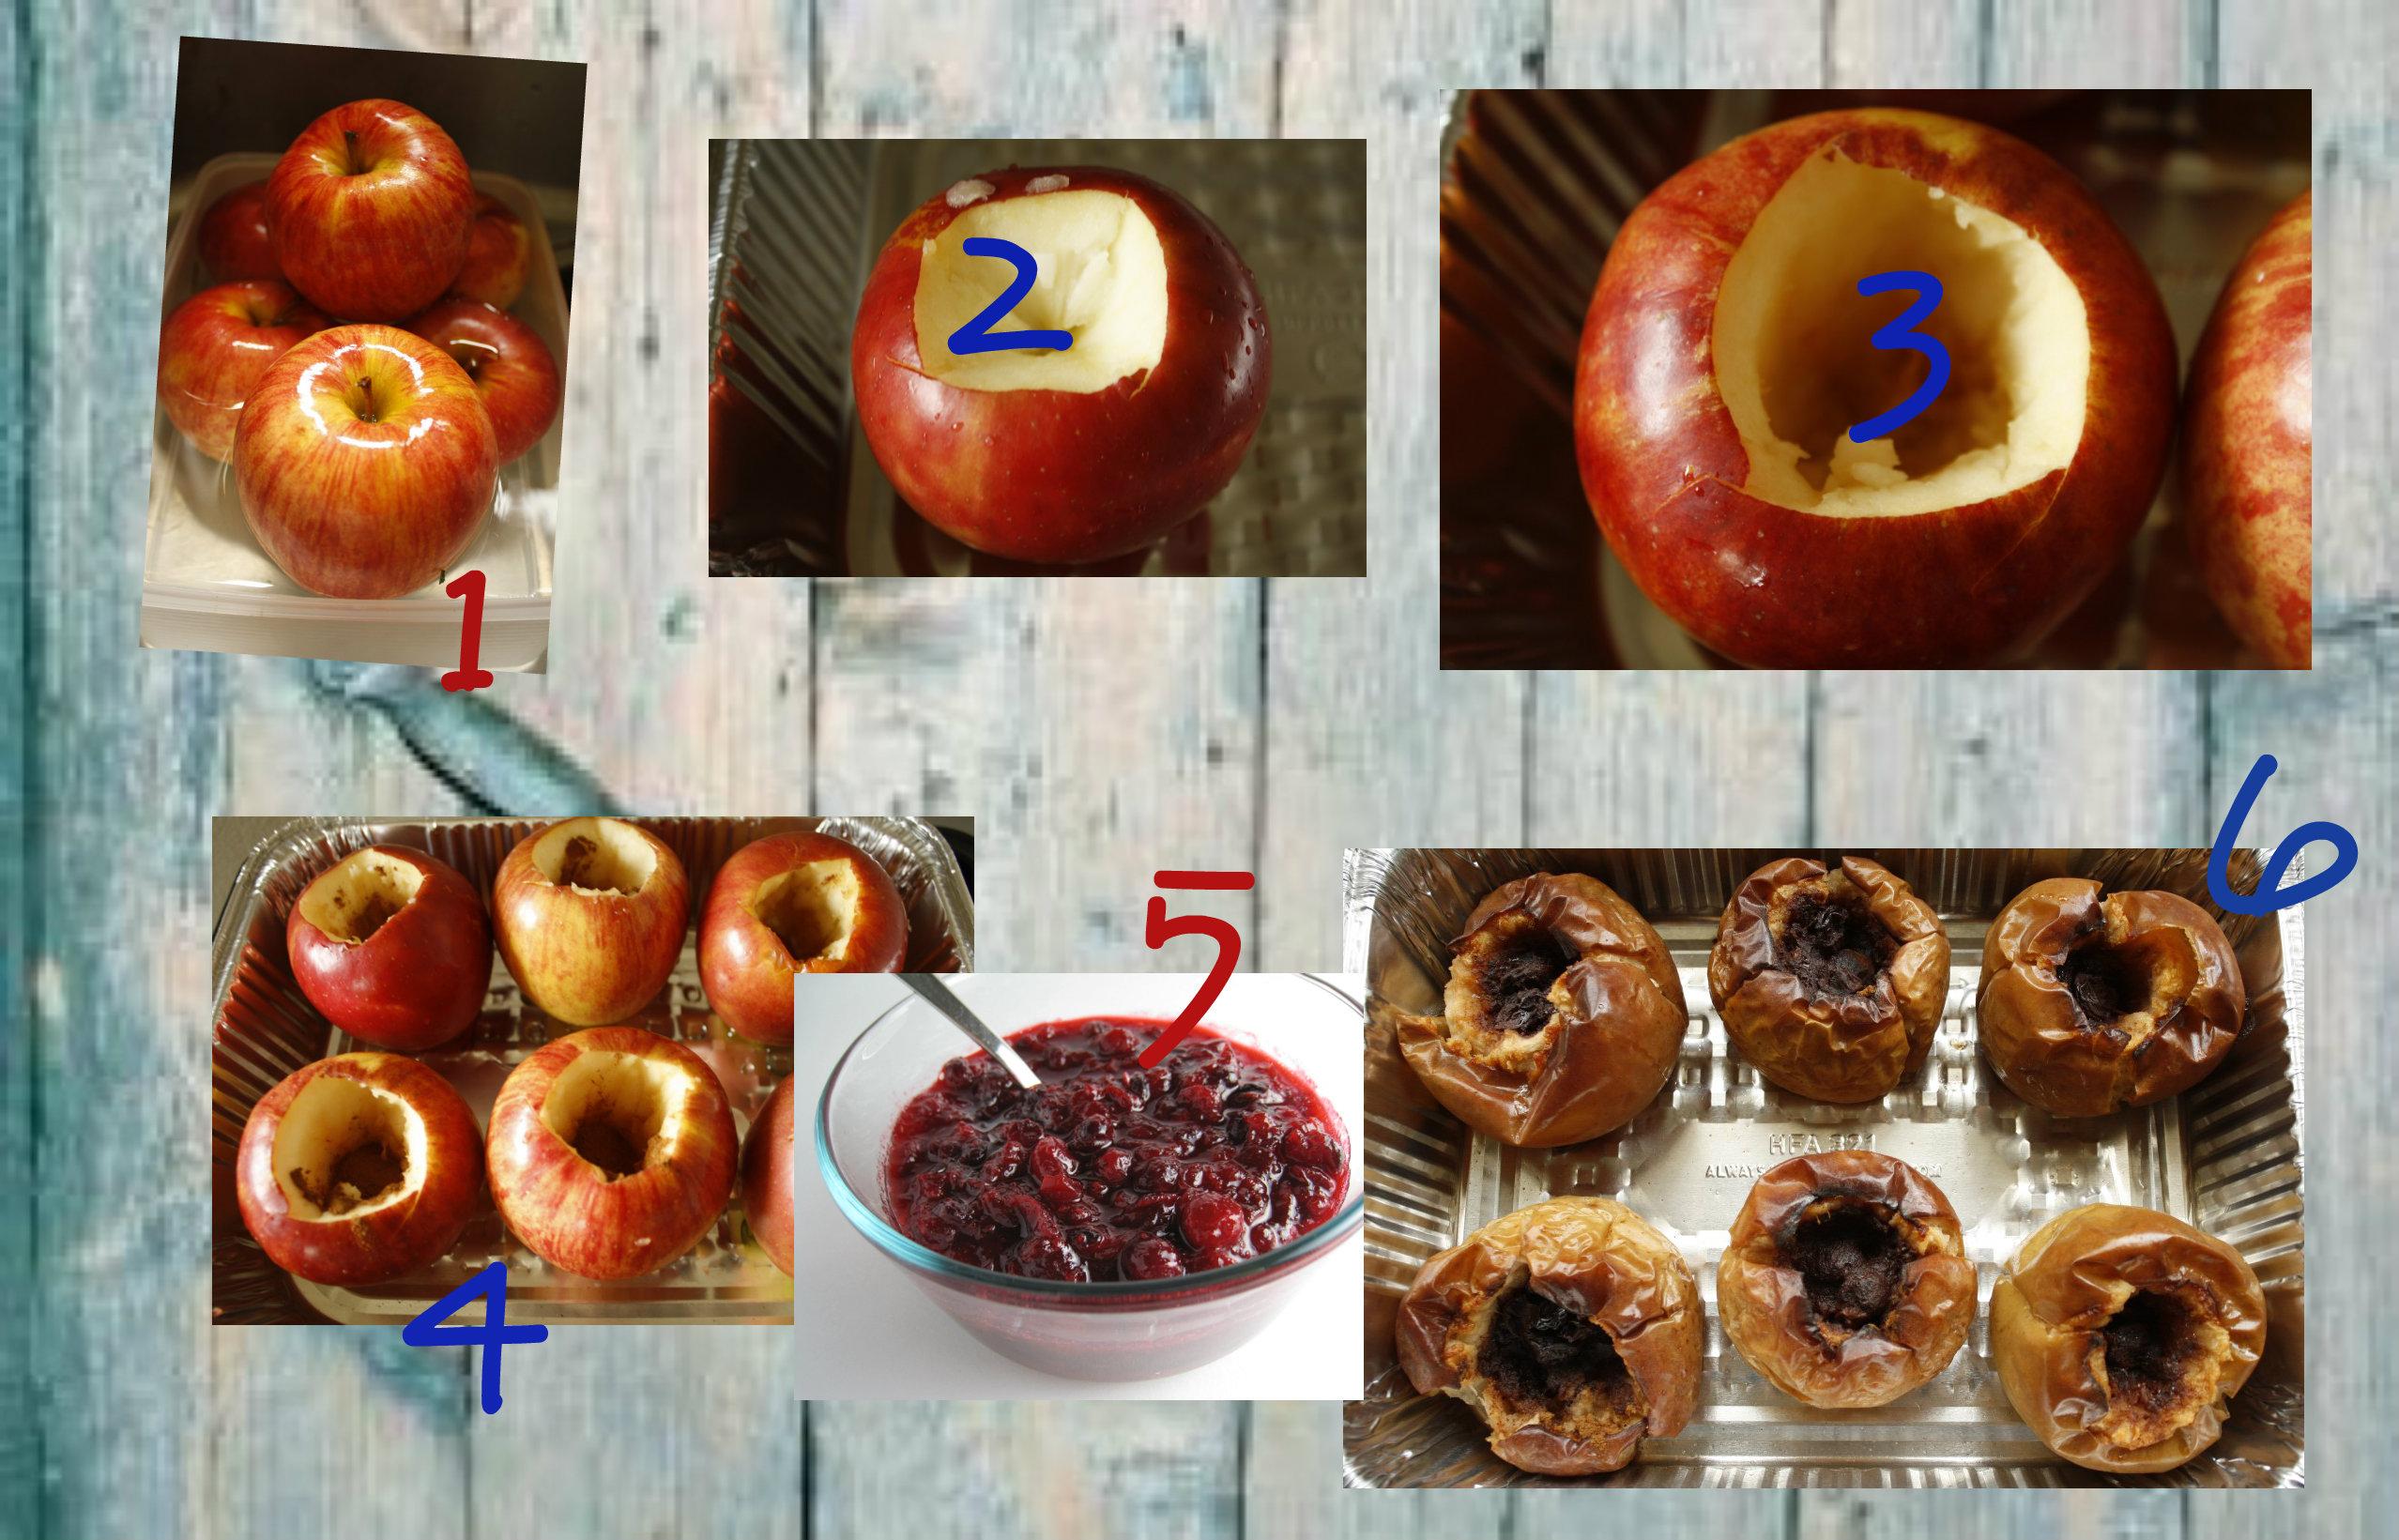 z-1 Pieczone jabłka - Pyszna przekąska dla osób na diecie  tło-tło Pieczone jabłka - Pyszna przekąska dla osób na diecie